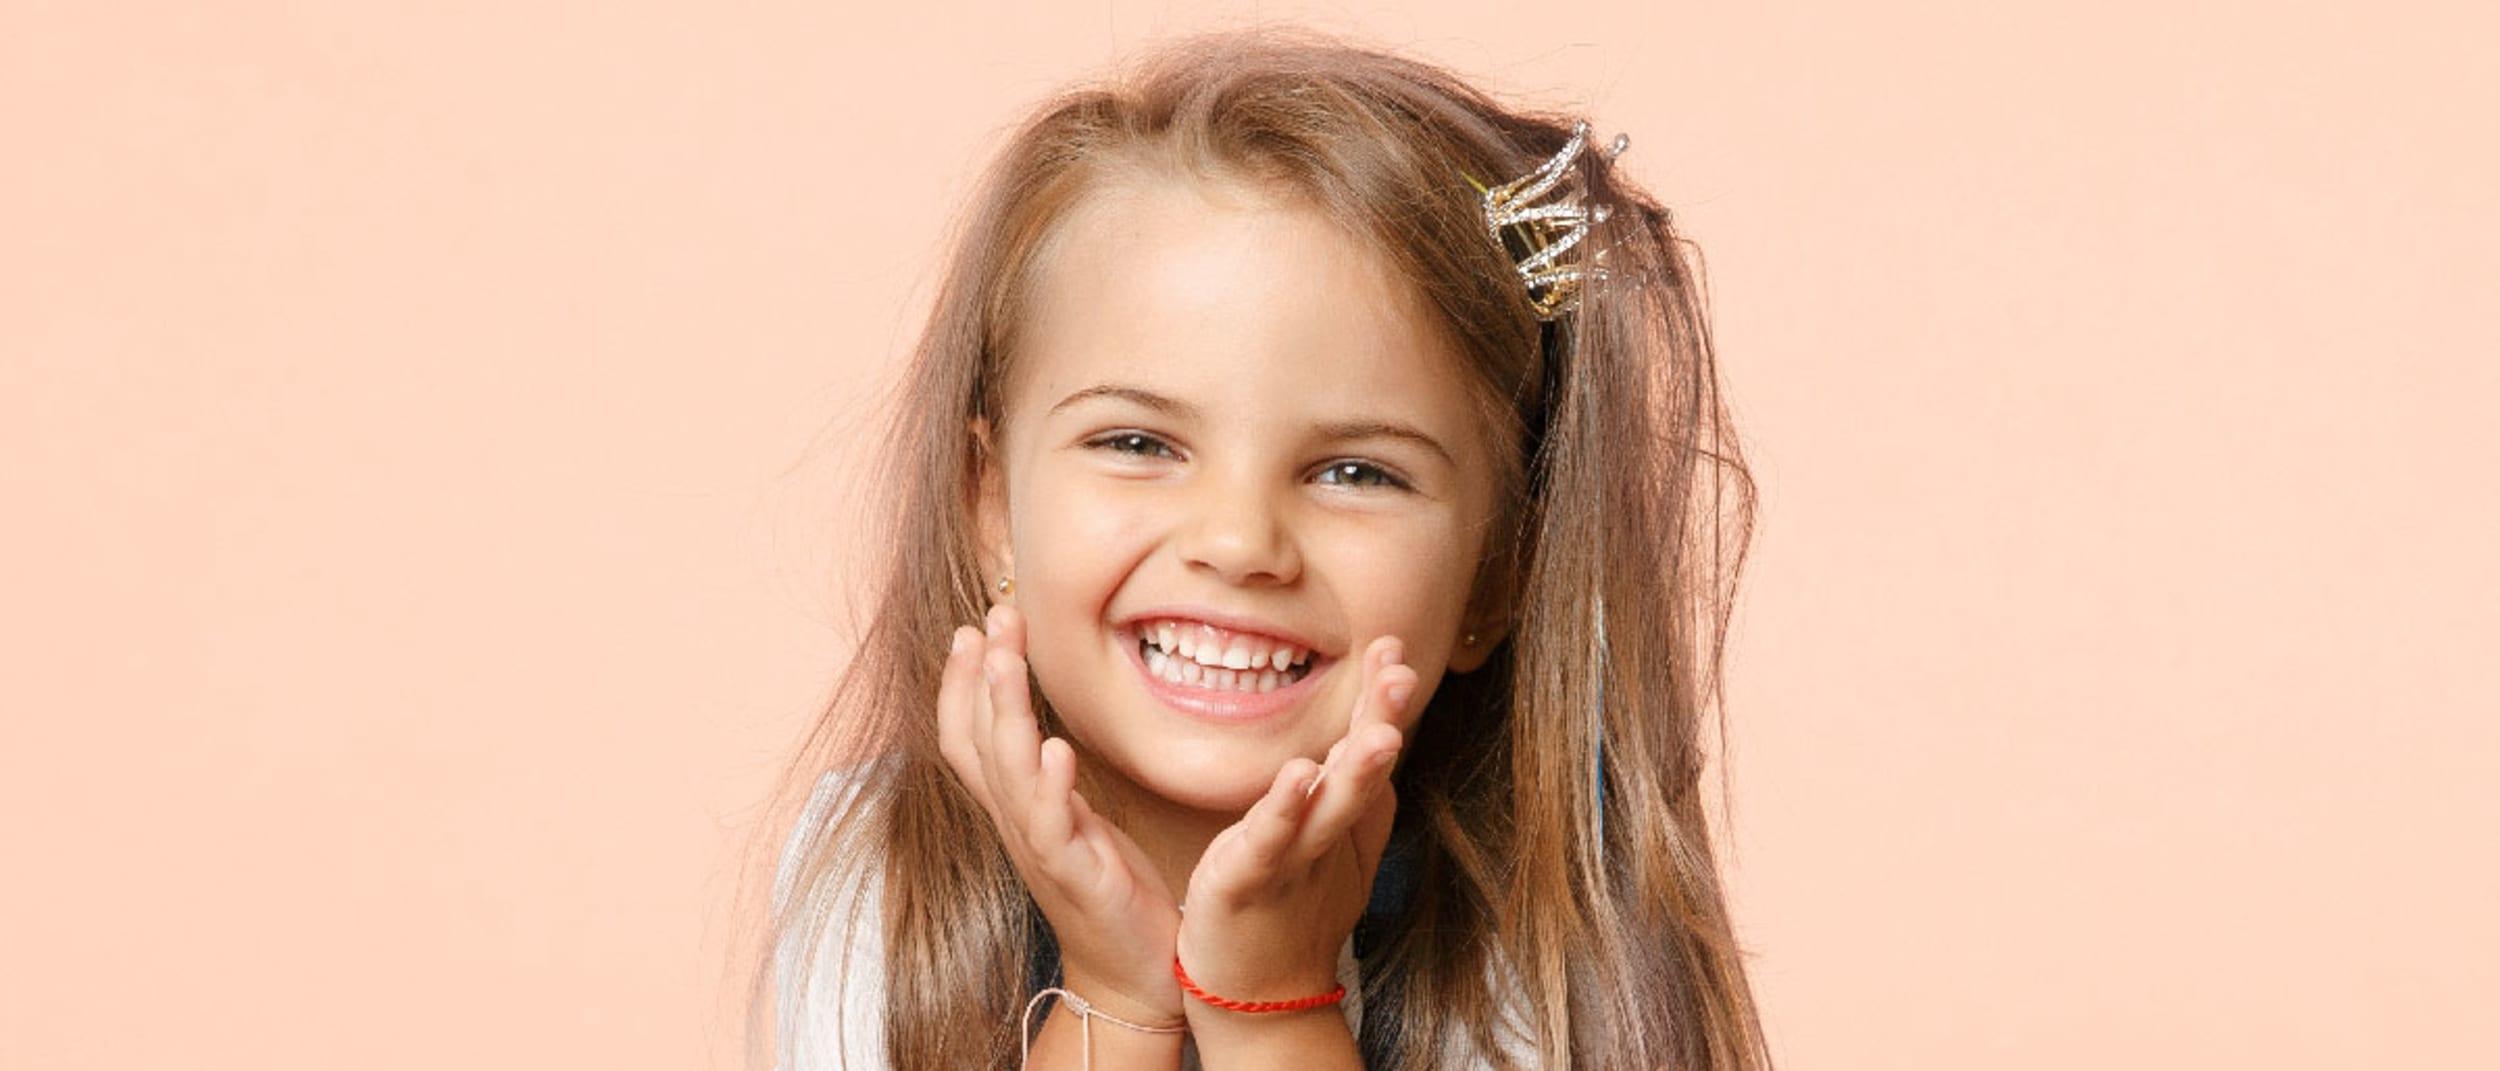 Essential Beauty: Back to school ear piercing